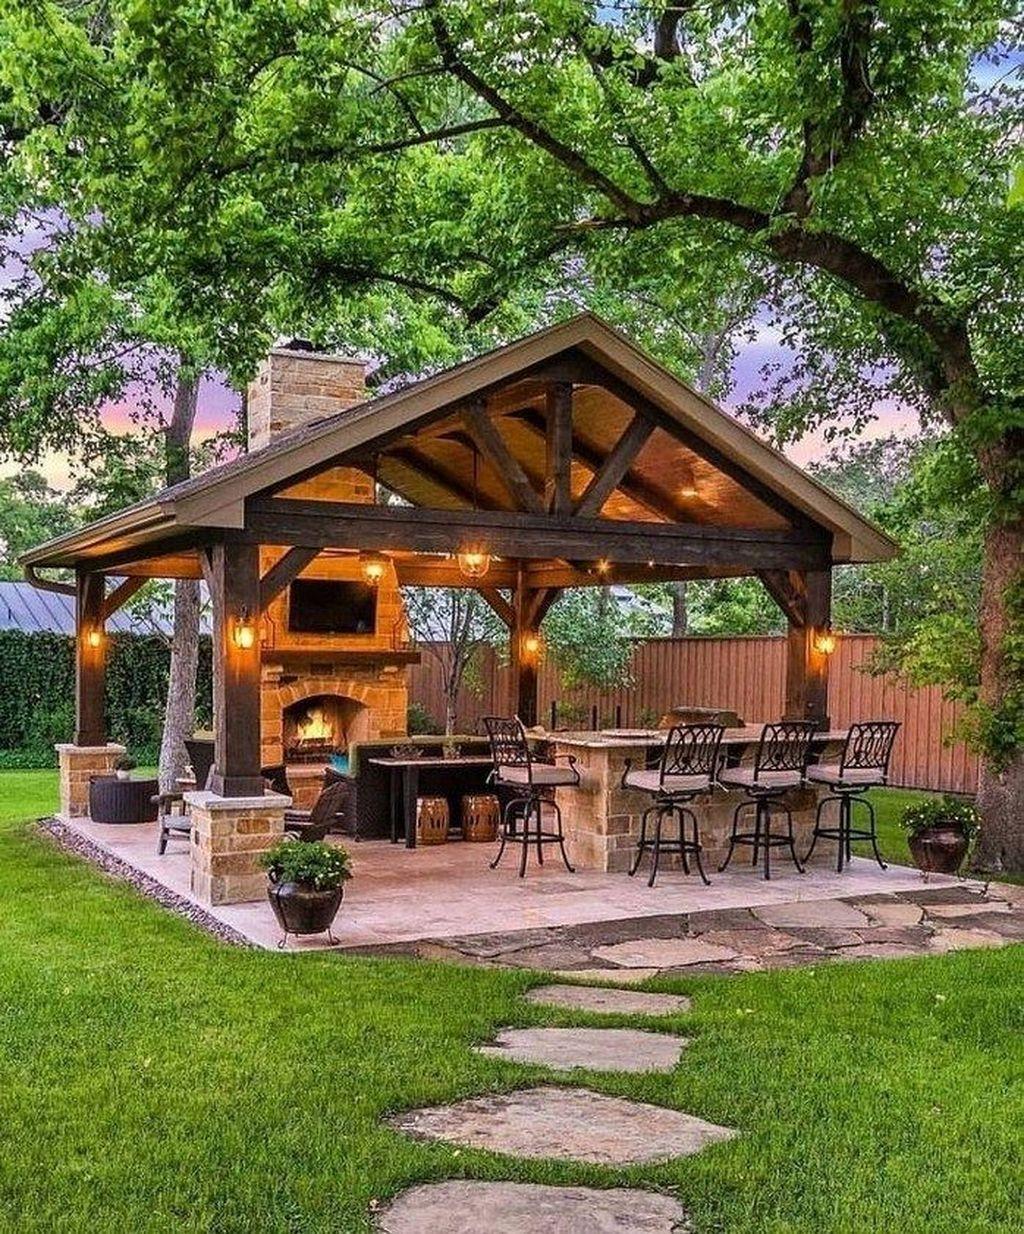 58 Small Diy Outdoor Patio Design Ideas In 2020 Rustic Outdoor Fireplaces Outdoor Fireplace Designs Outdoor Patio Designs